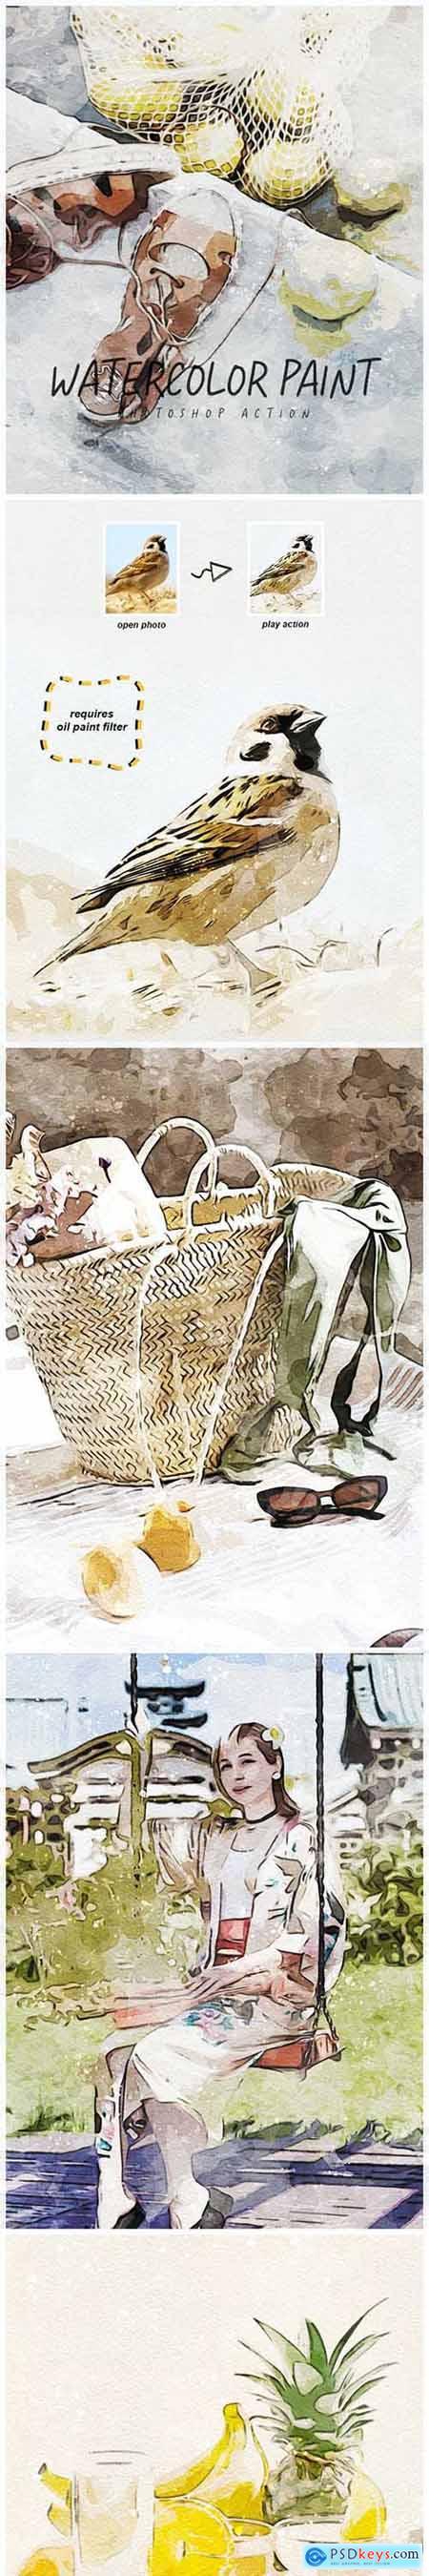 Watercolor Paint - Photoshop Action 33287400